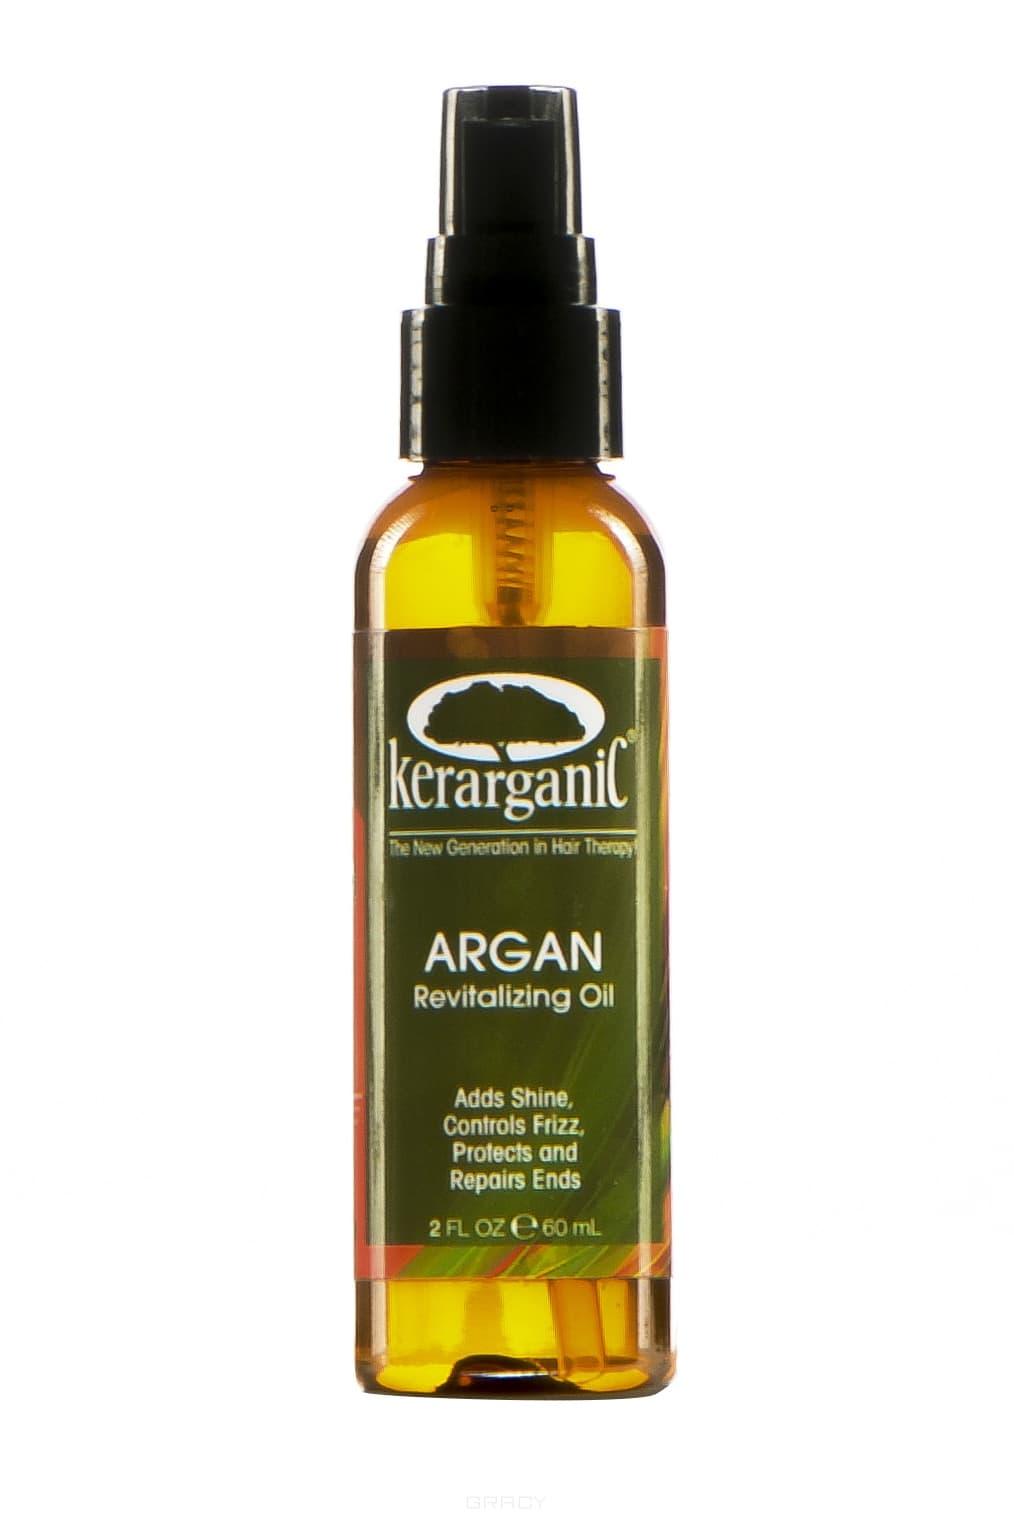 Kerarganic Argan Oil Аргановое масло, 60 мл, KERARGANIC Argan Oil Аргановое масло, 50 мл, 60 мл kativa argan oil elixir масло защитное для волос эликсир арганы 30 мл